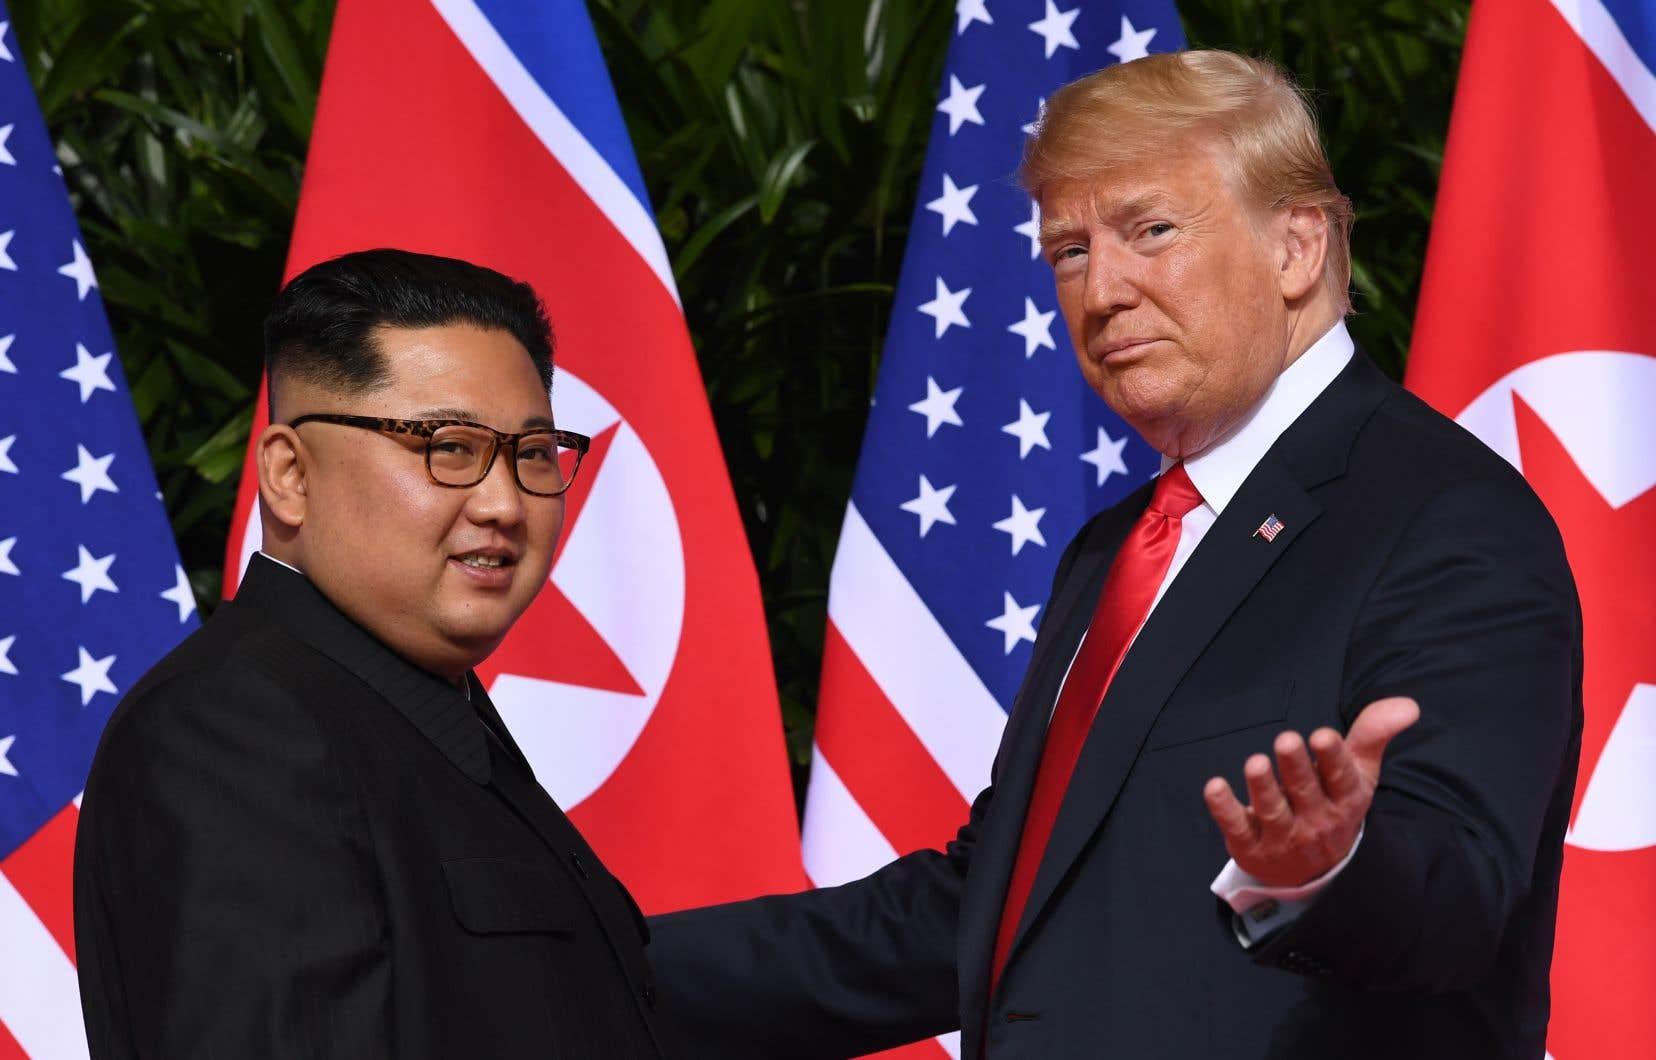 Les négociations de samedi étaient les premières entre les États-Unis et la Corée du Nord depuis l'échec du second sommet de février entre le président Donald Trump et Kim Jong-un au Vietnam.